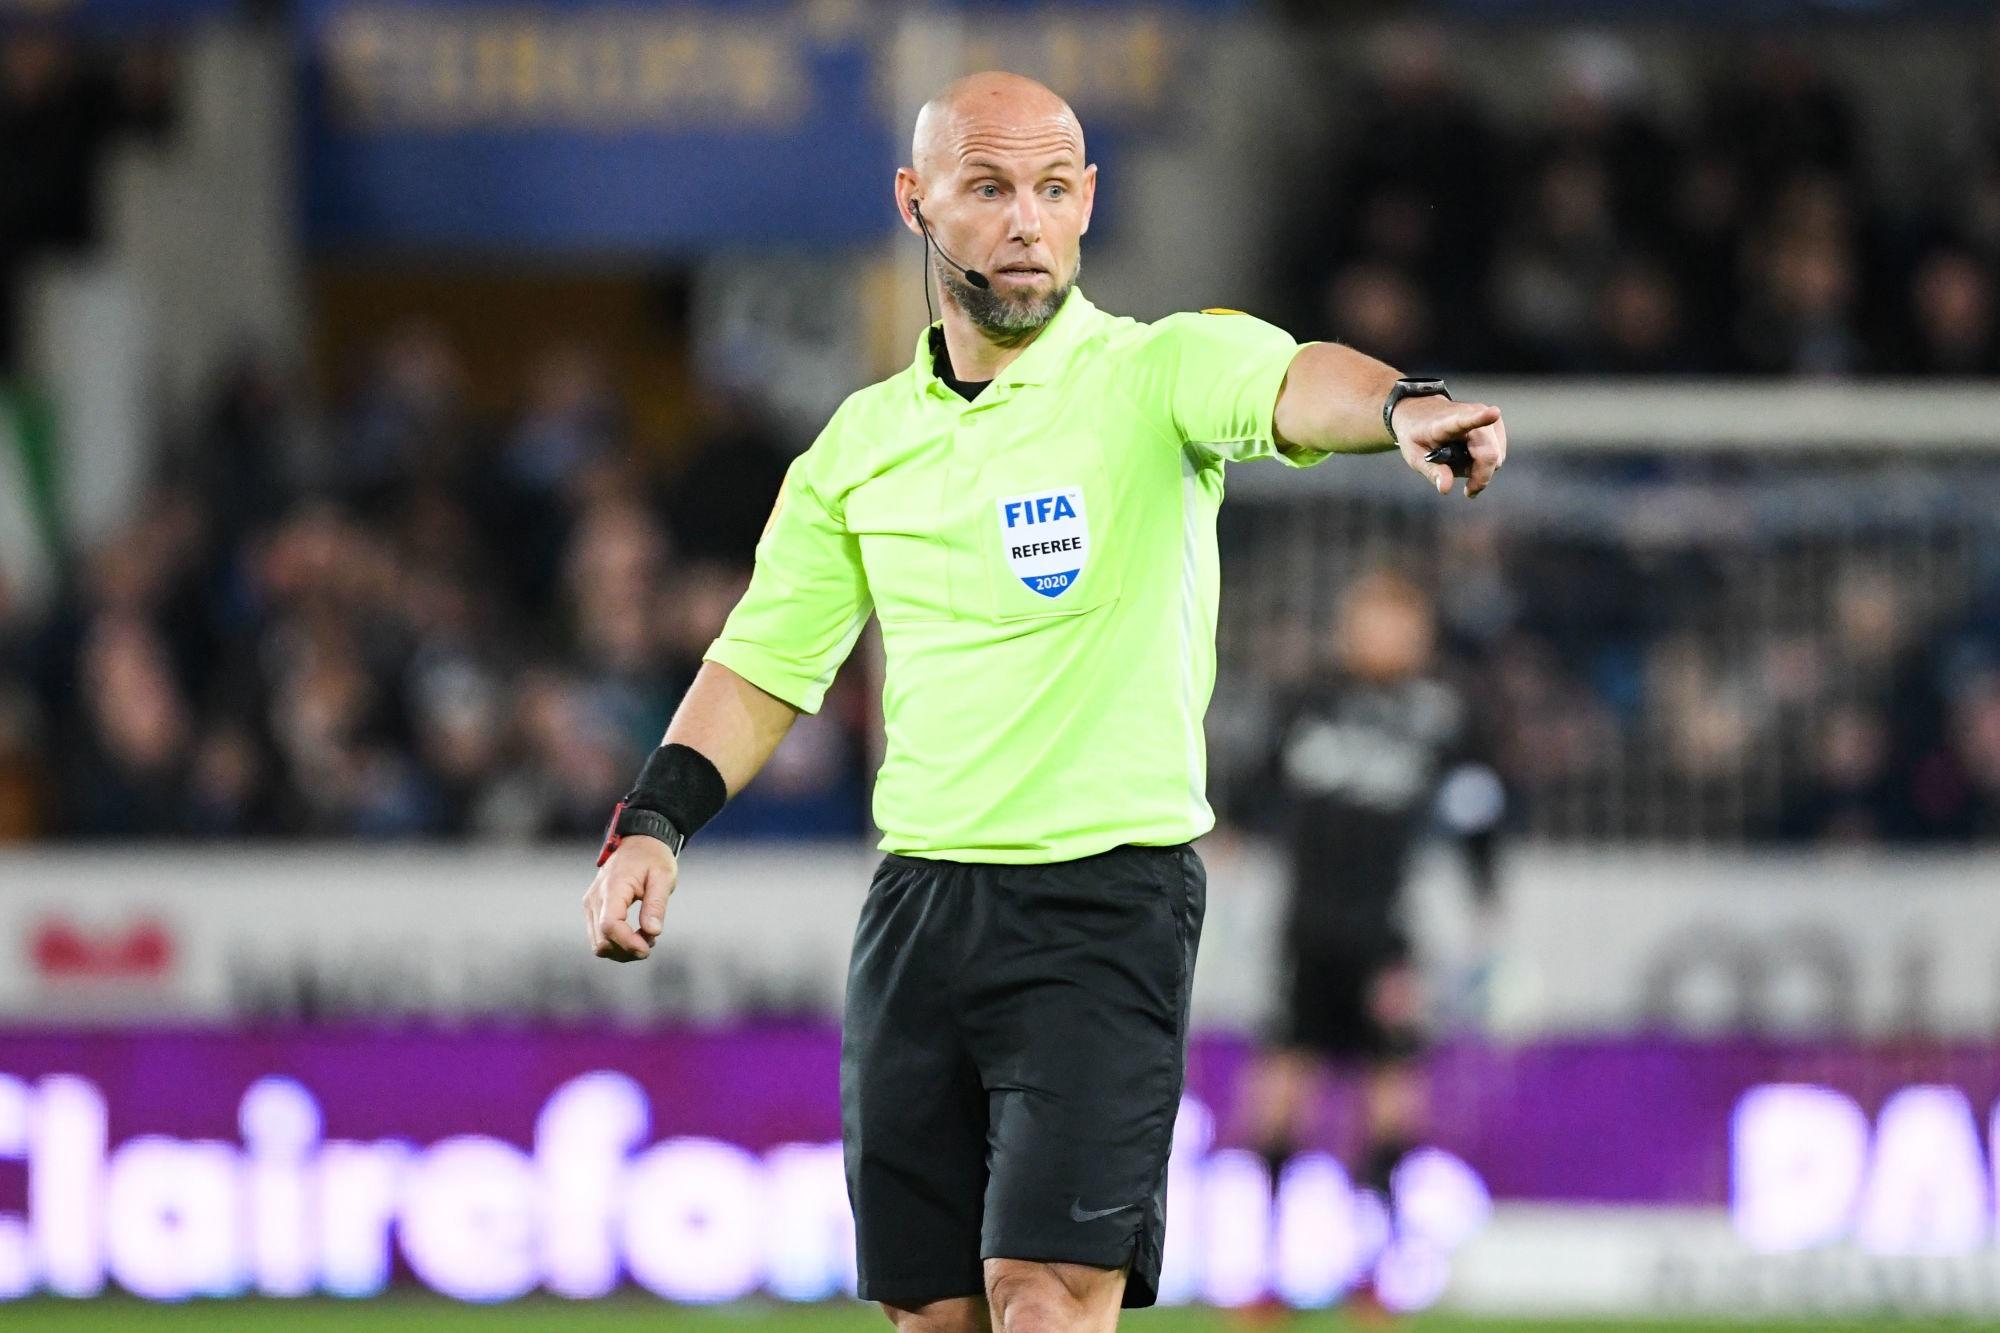 Troyes/PSG - Delerue arbitre du match, de peu de cartons et de penaltys